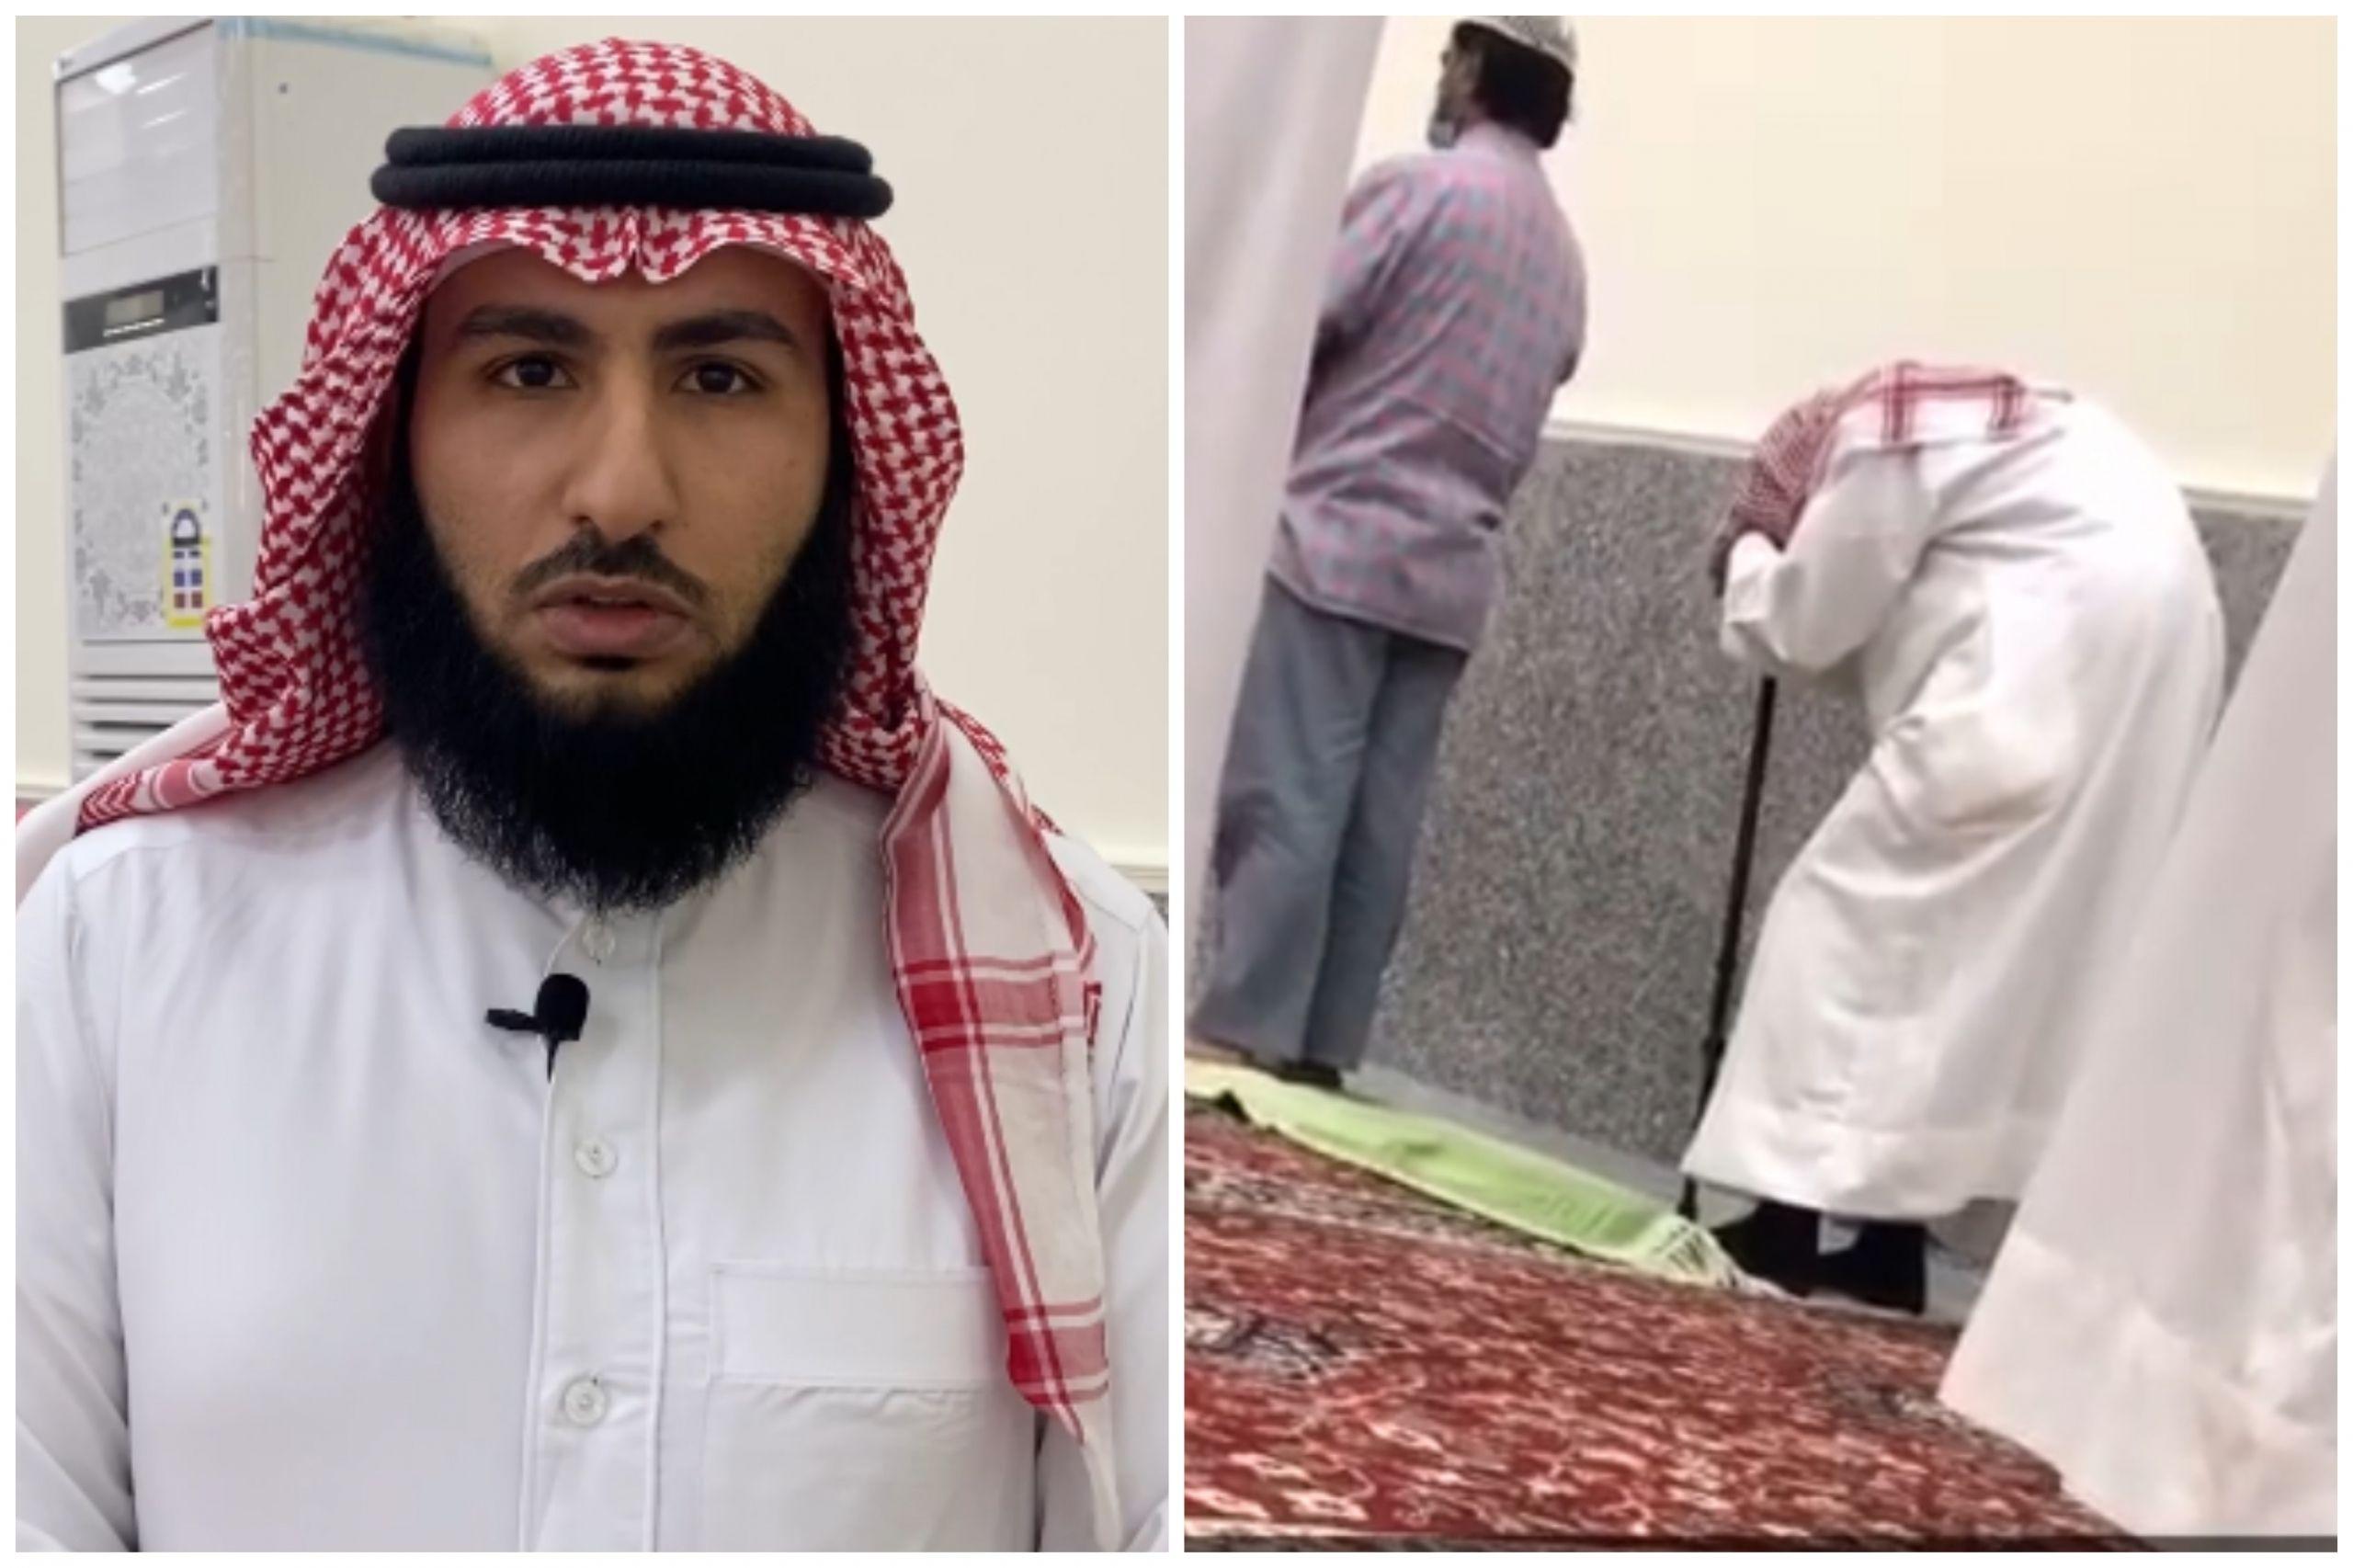 عبد الله يشكف قصة مقطع والده في الجامع